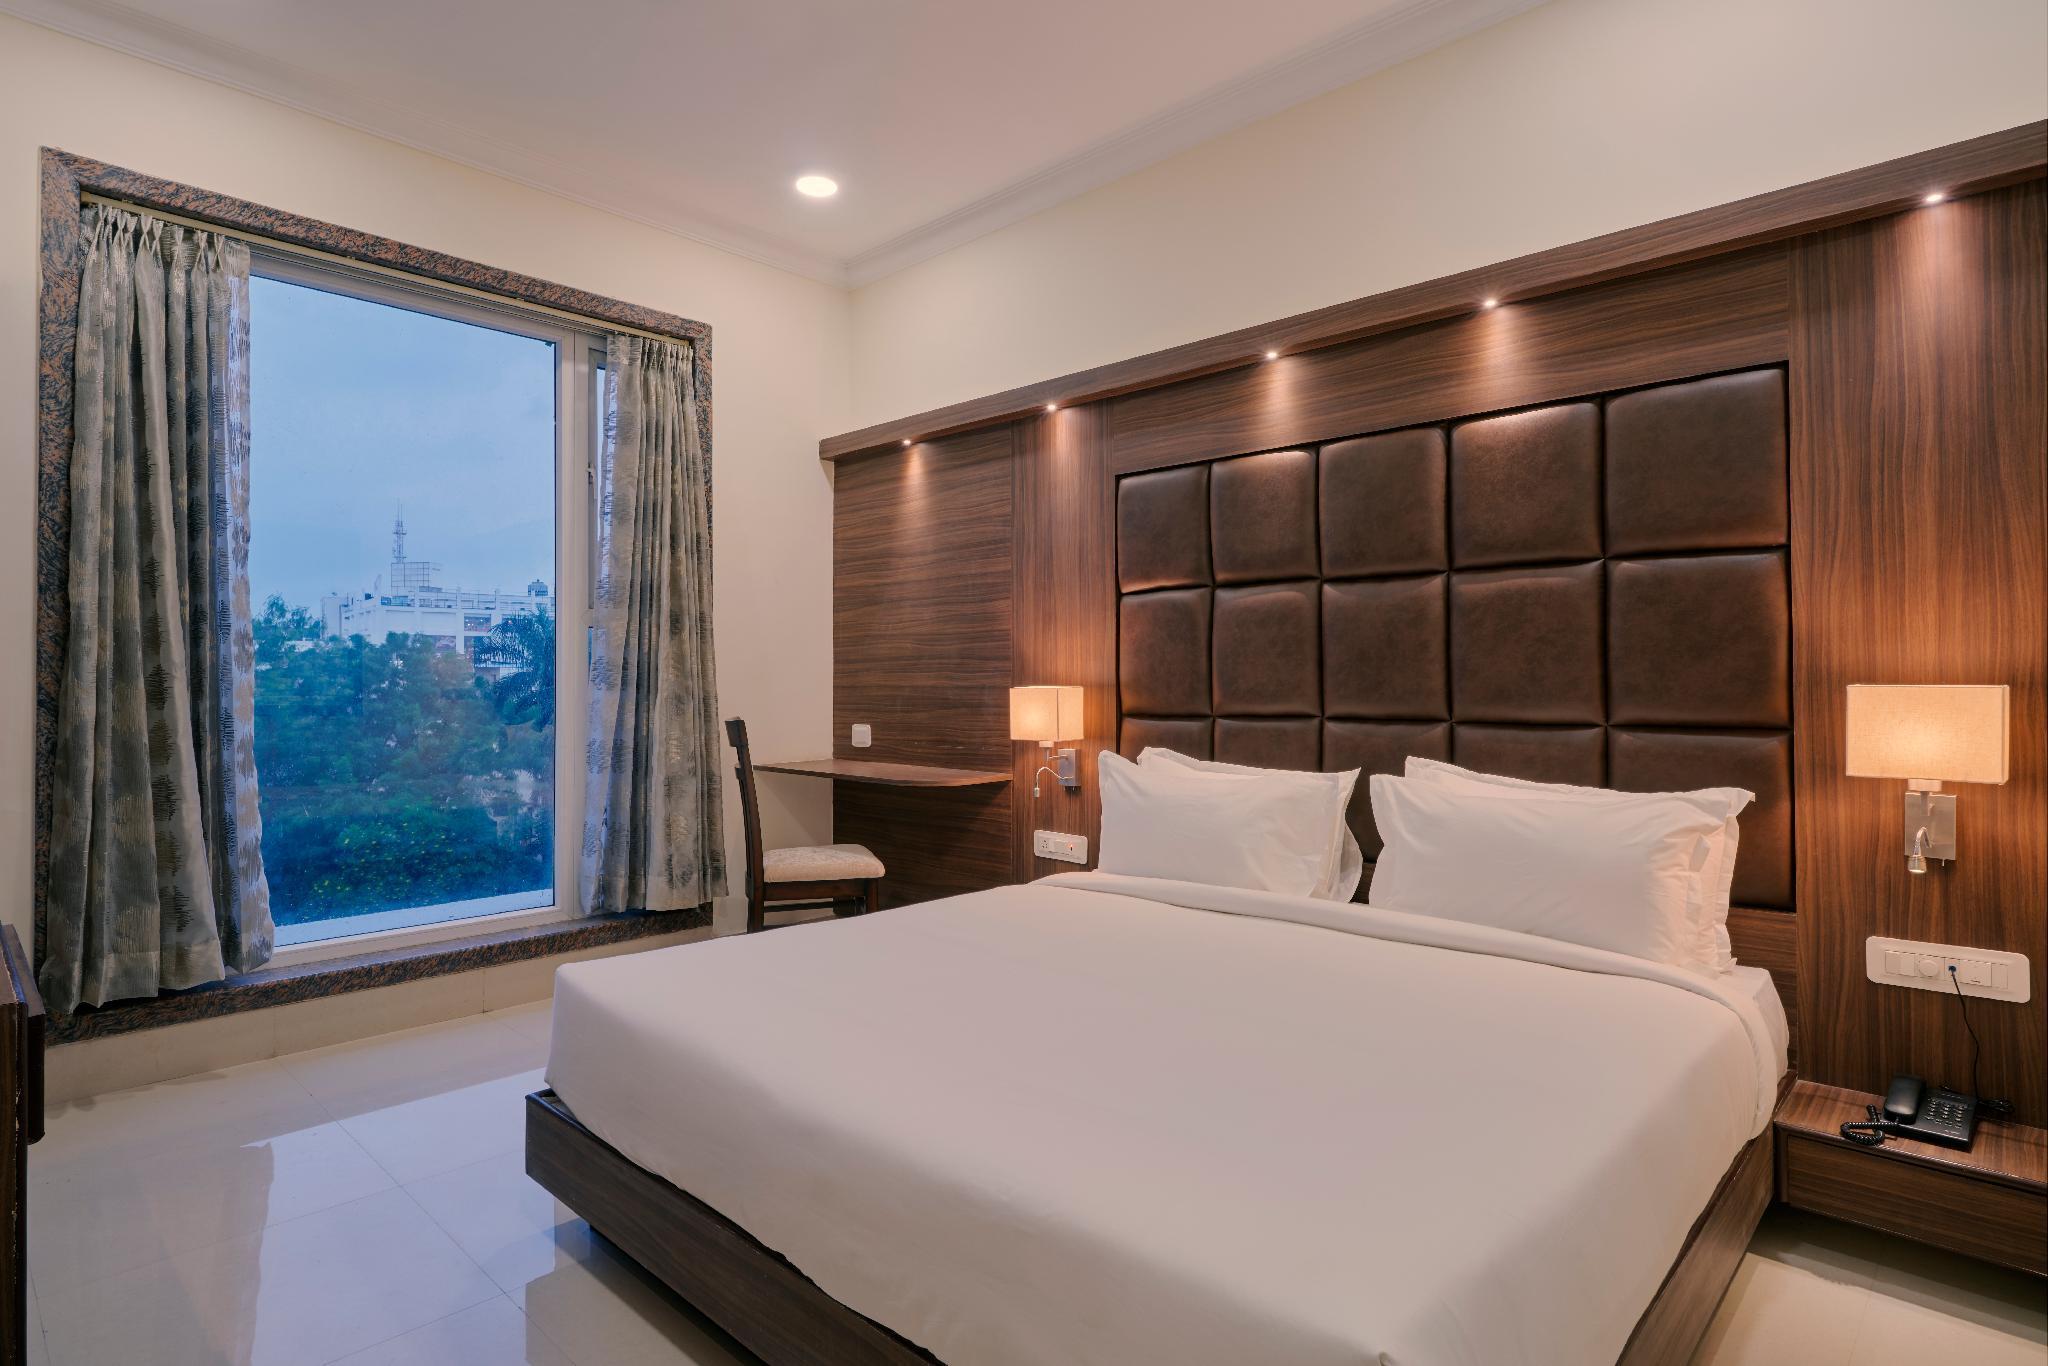 Gyangarh Luxury Boutique Hotel In Udaipur Near Sukhadia Circle